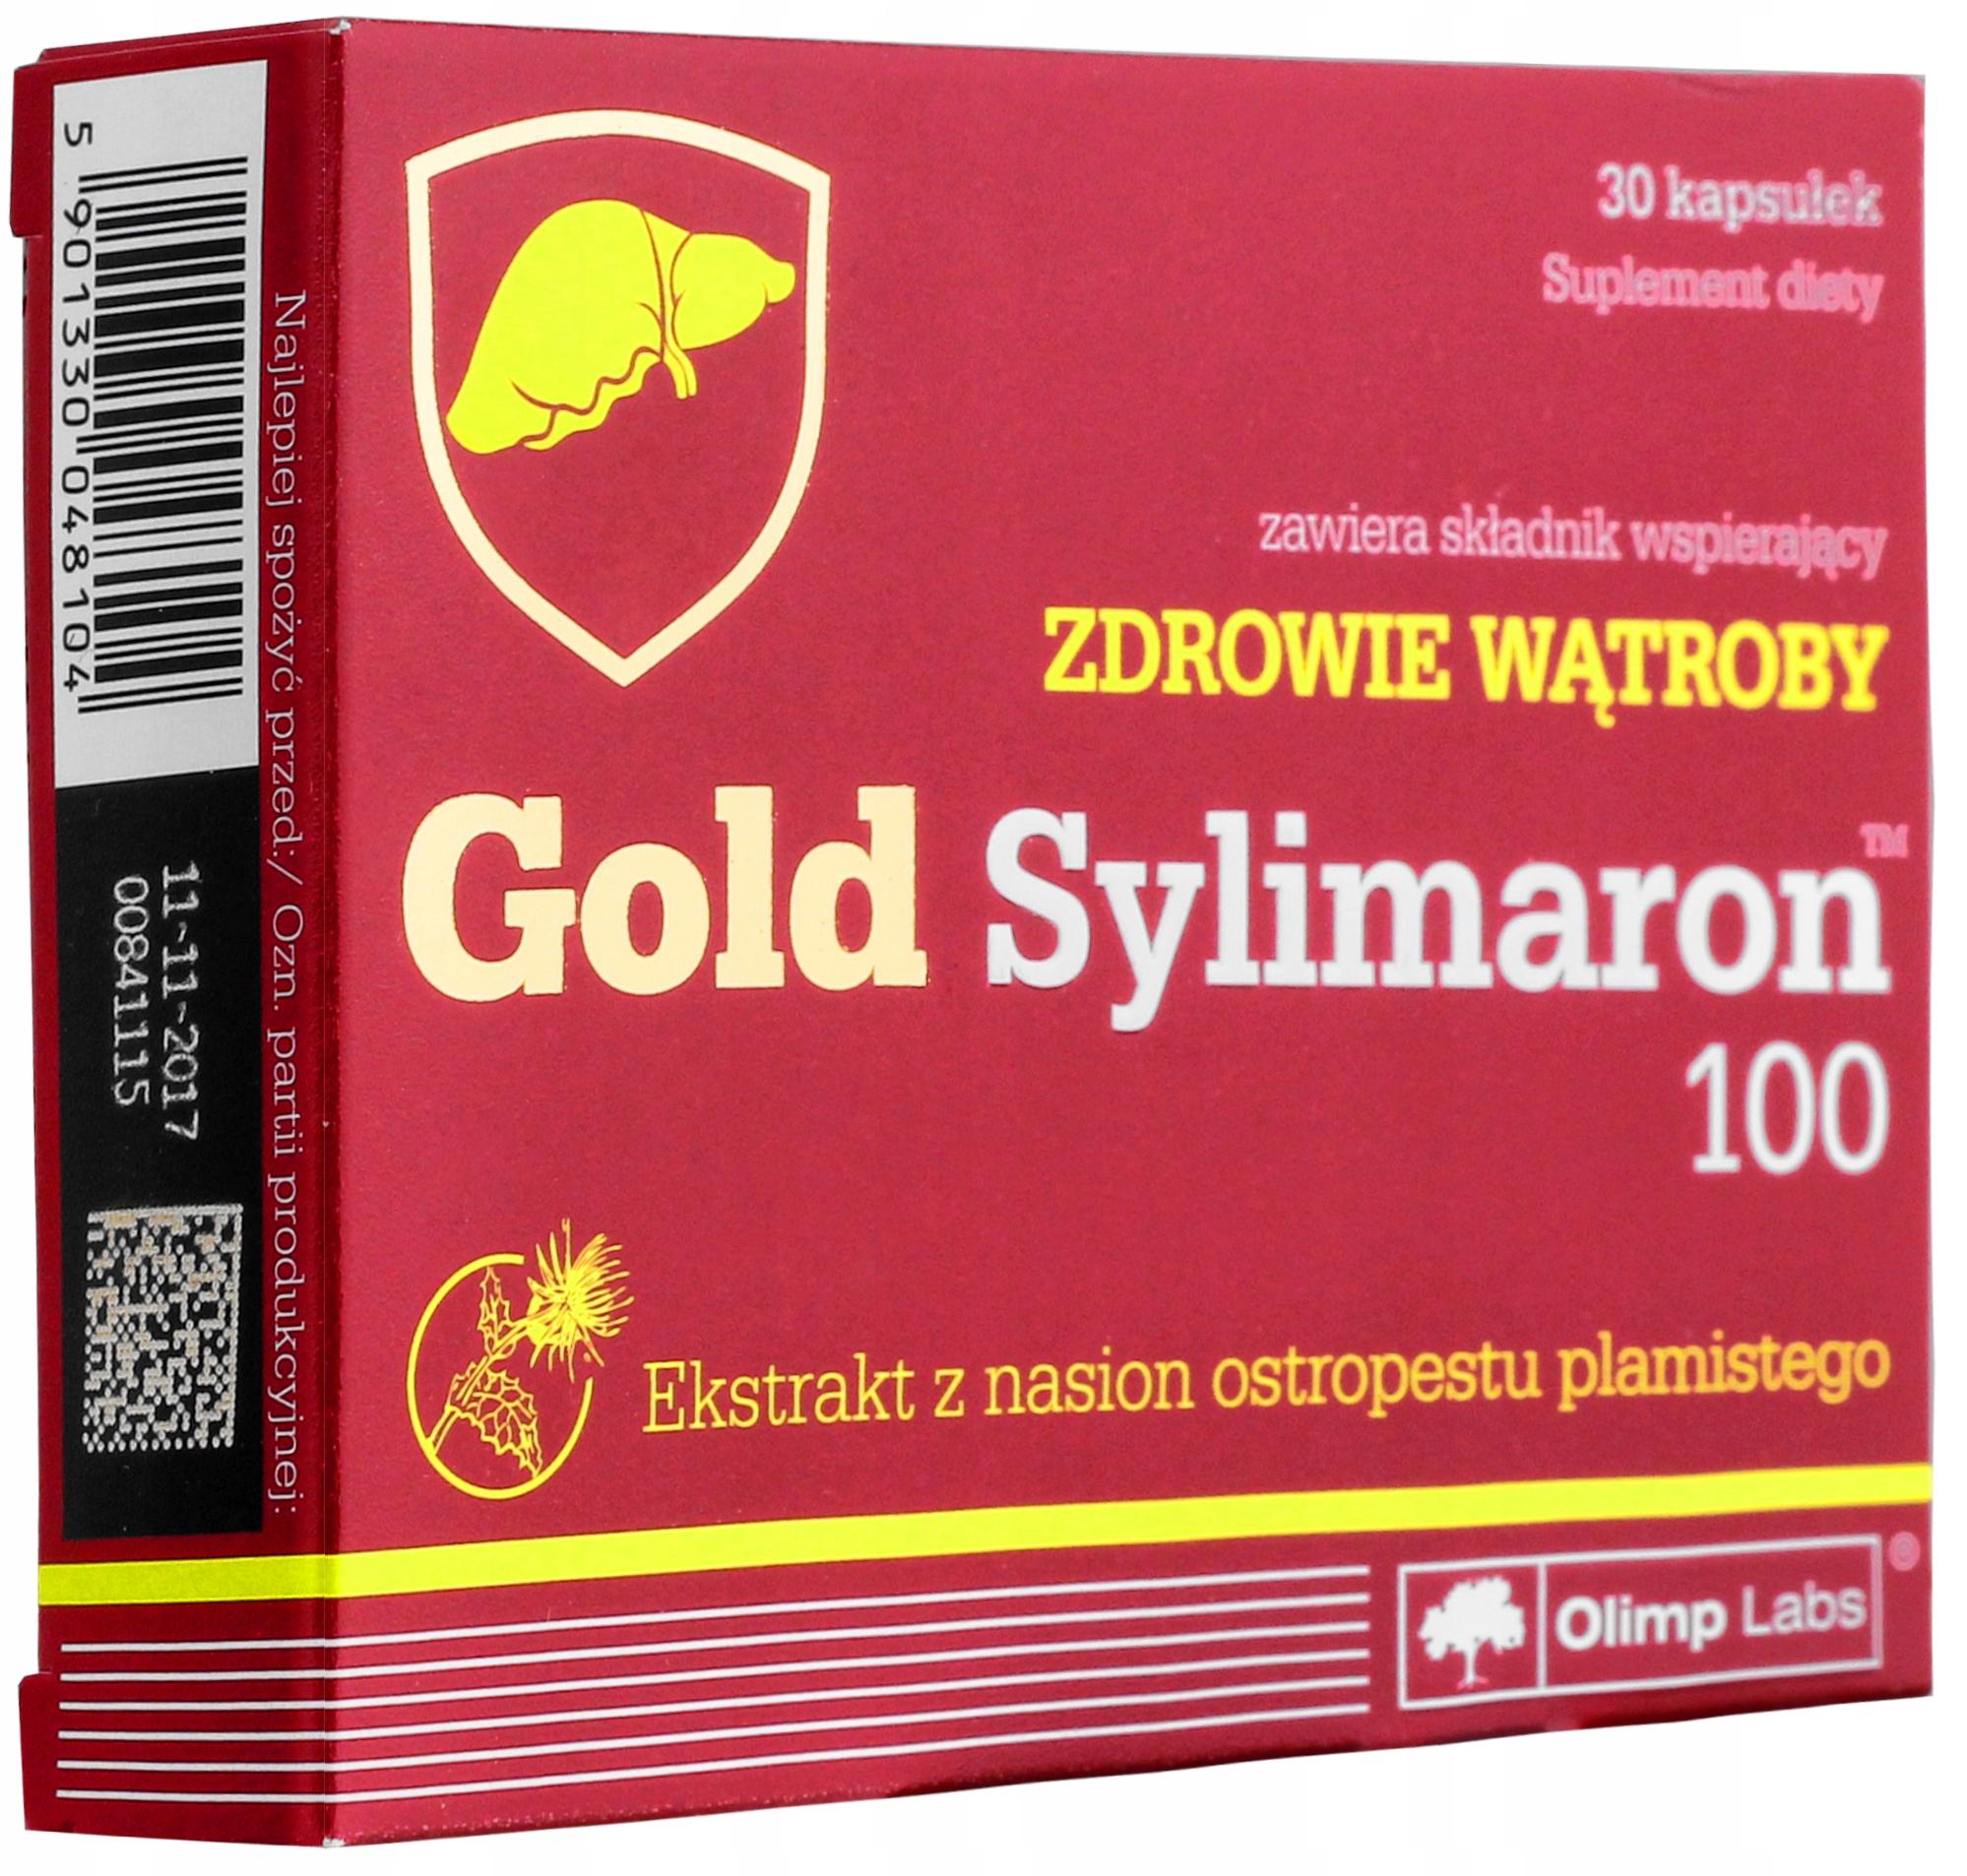 3a7e1fdee435 OLIMP GOLD SYLIMARON 100 30kaps ZDROWA WĄTROBA - 7685968540 ...